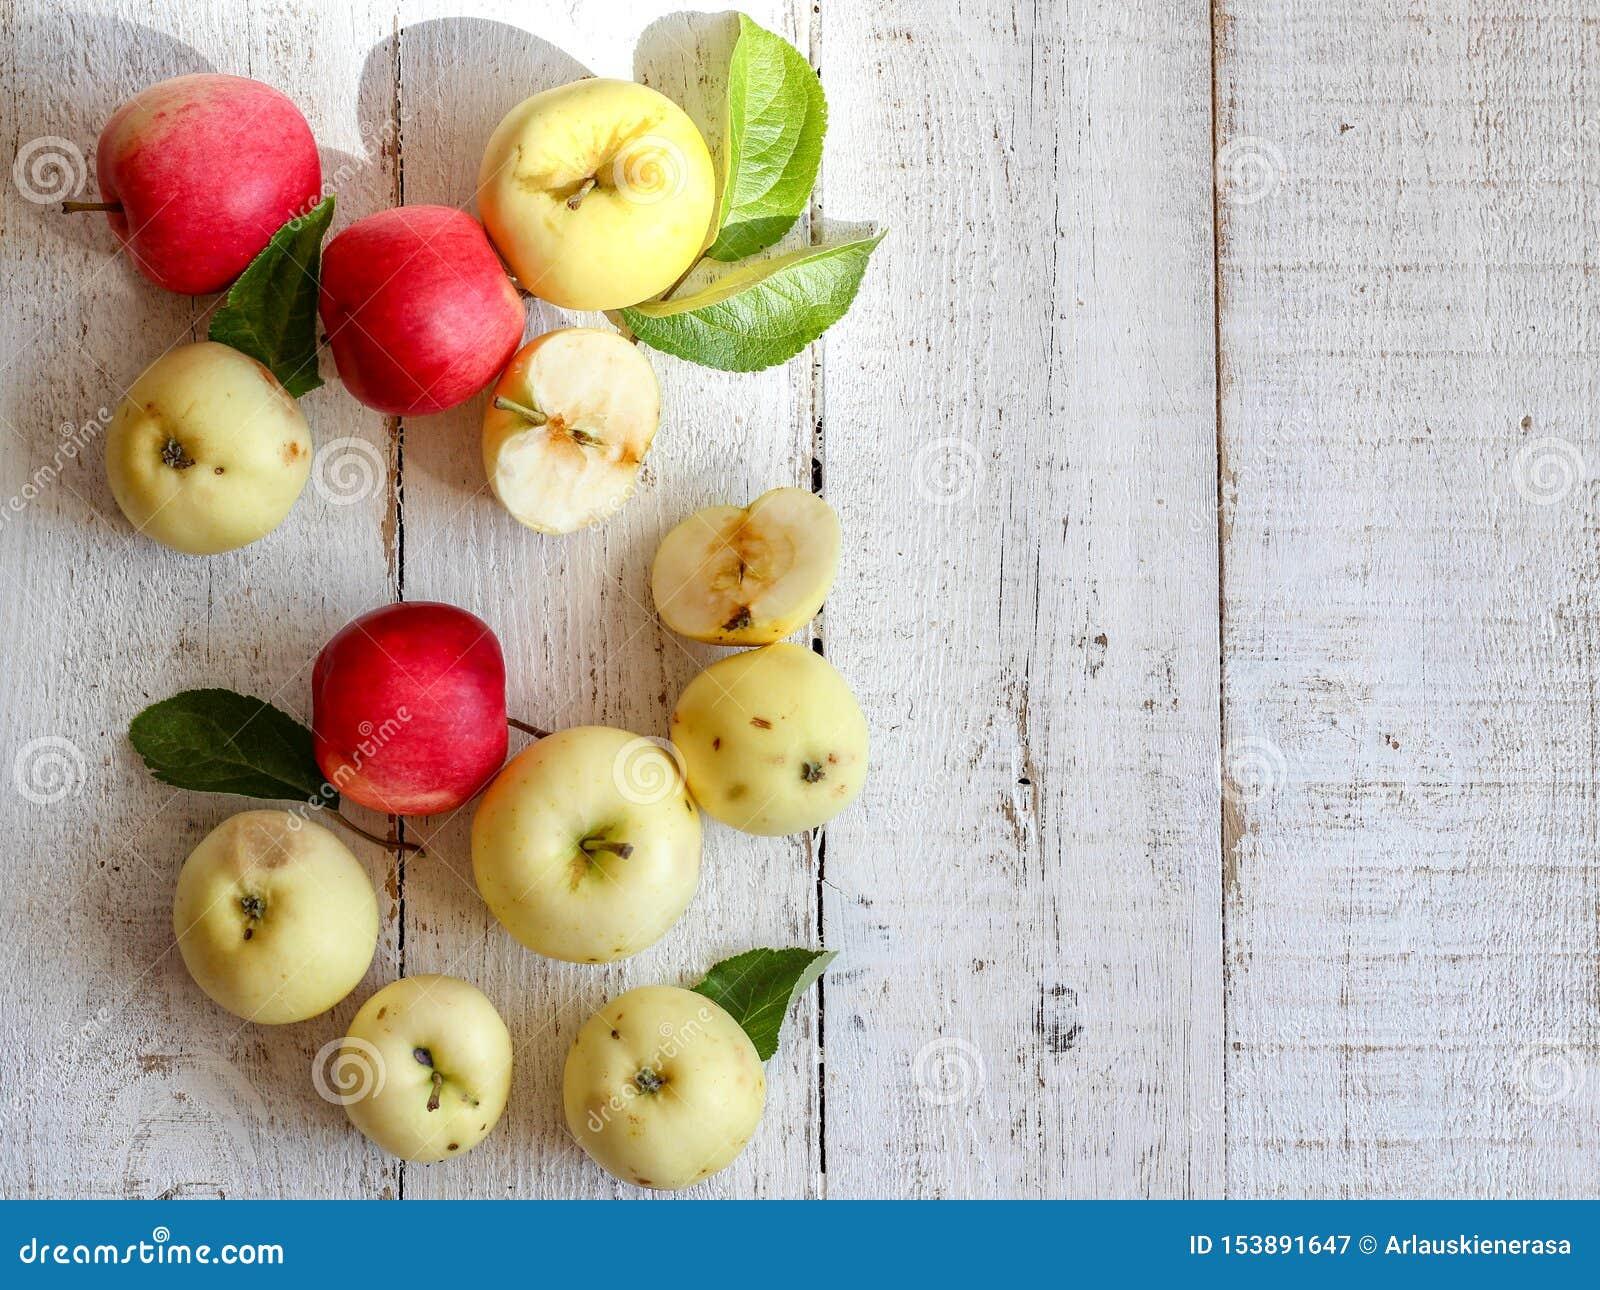 Pommes organiques vertes et rouges sur une table en bois blanche